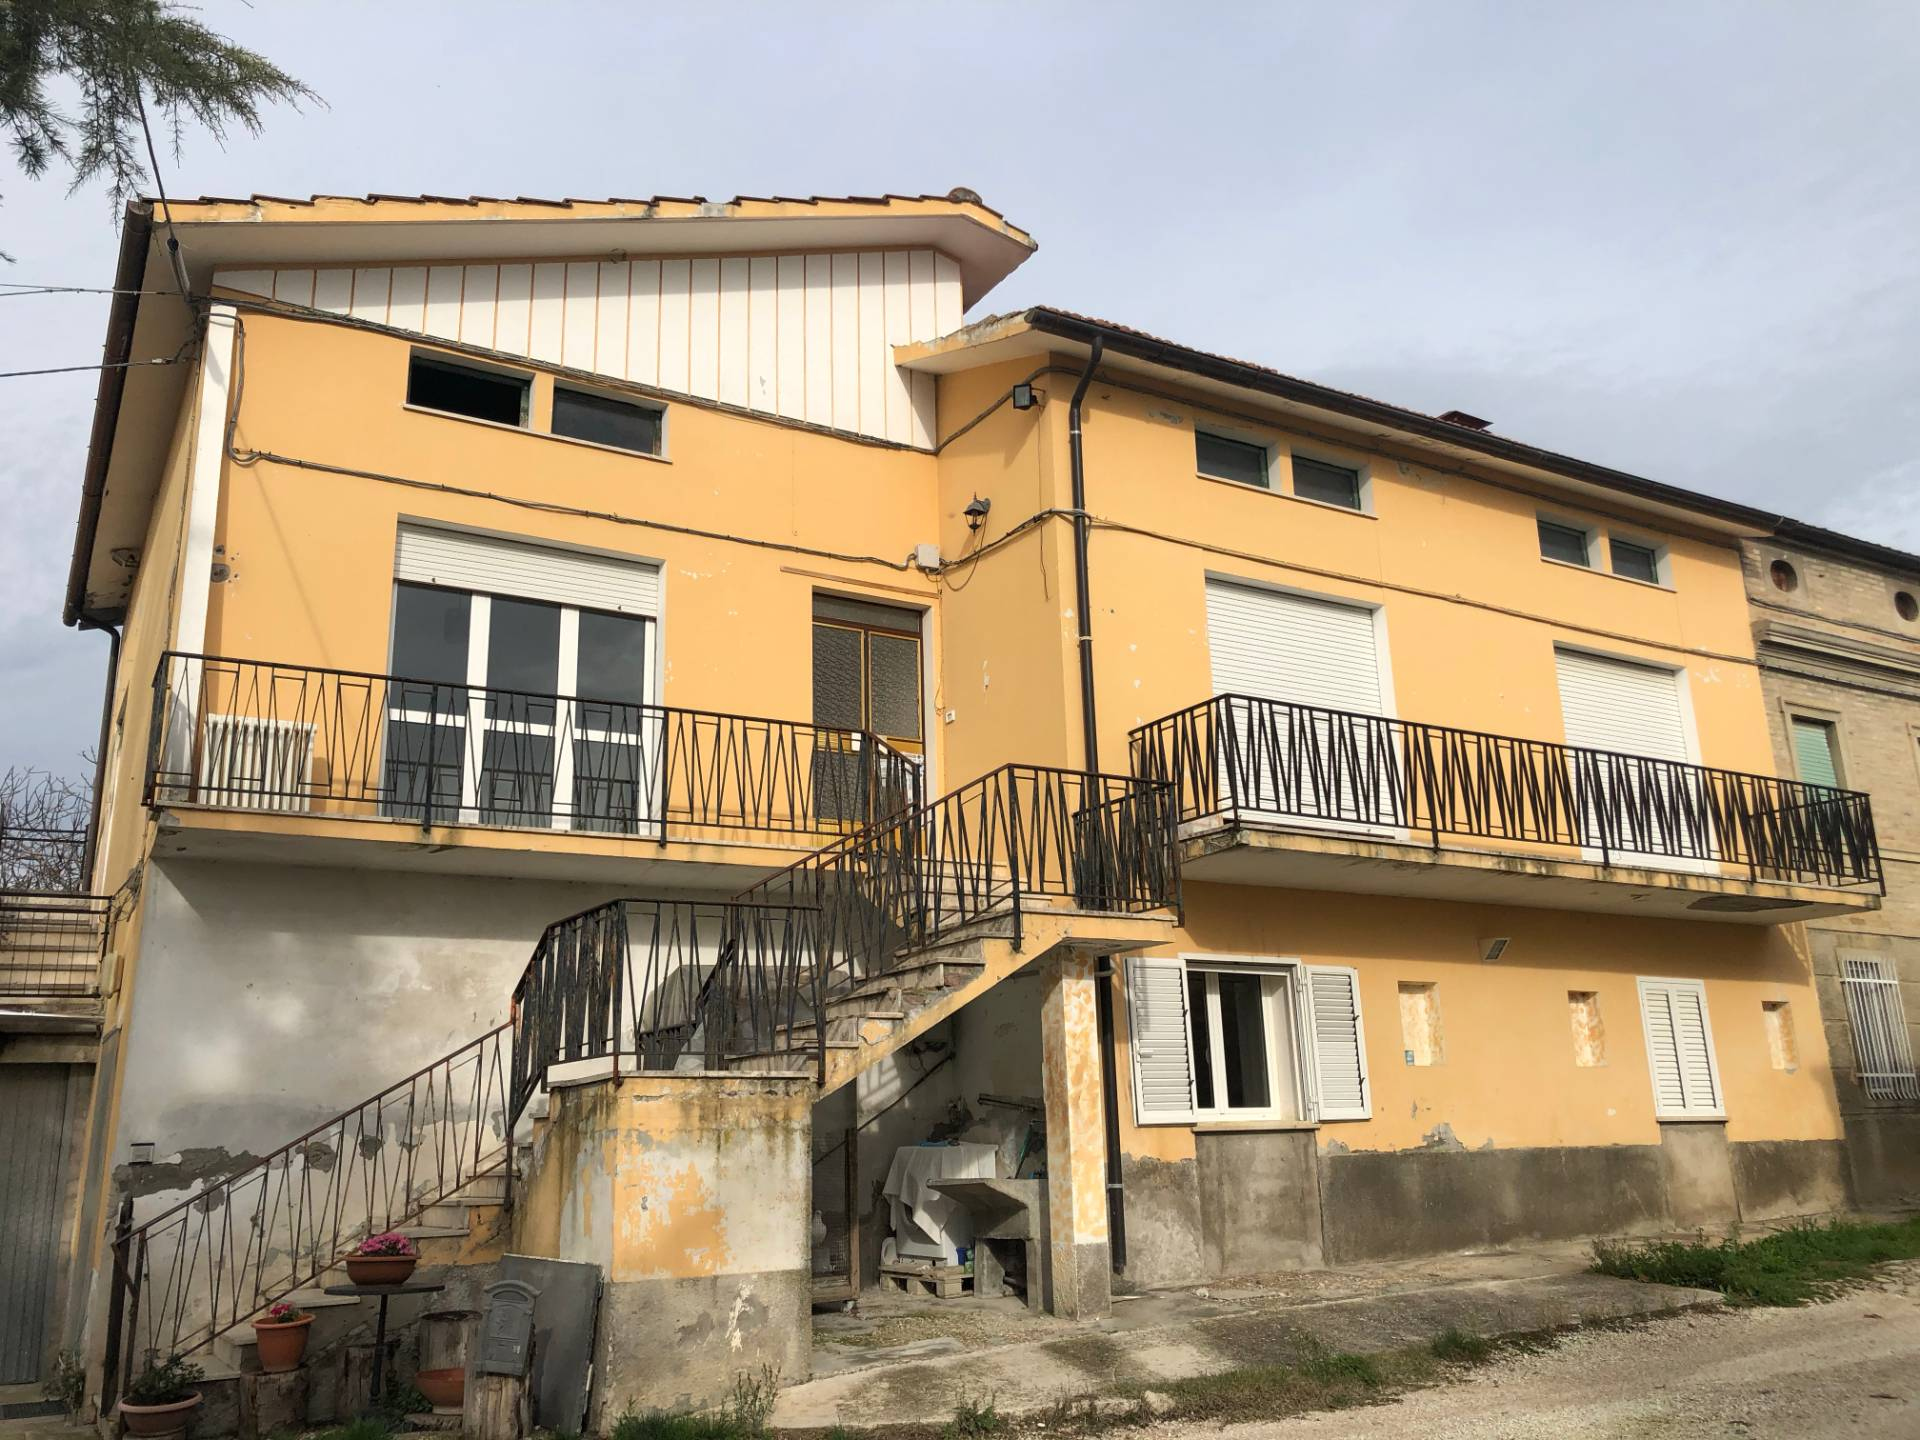 Appartamento in vendita a Montegiorgio, 6 locali, prezzo € 95.000 | PortaleAgenzieImmobiliari.it